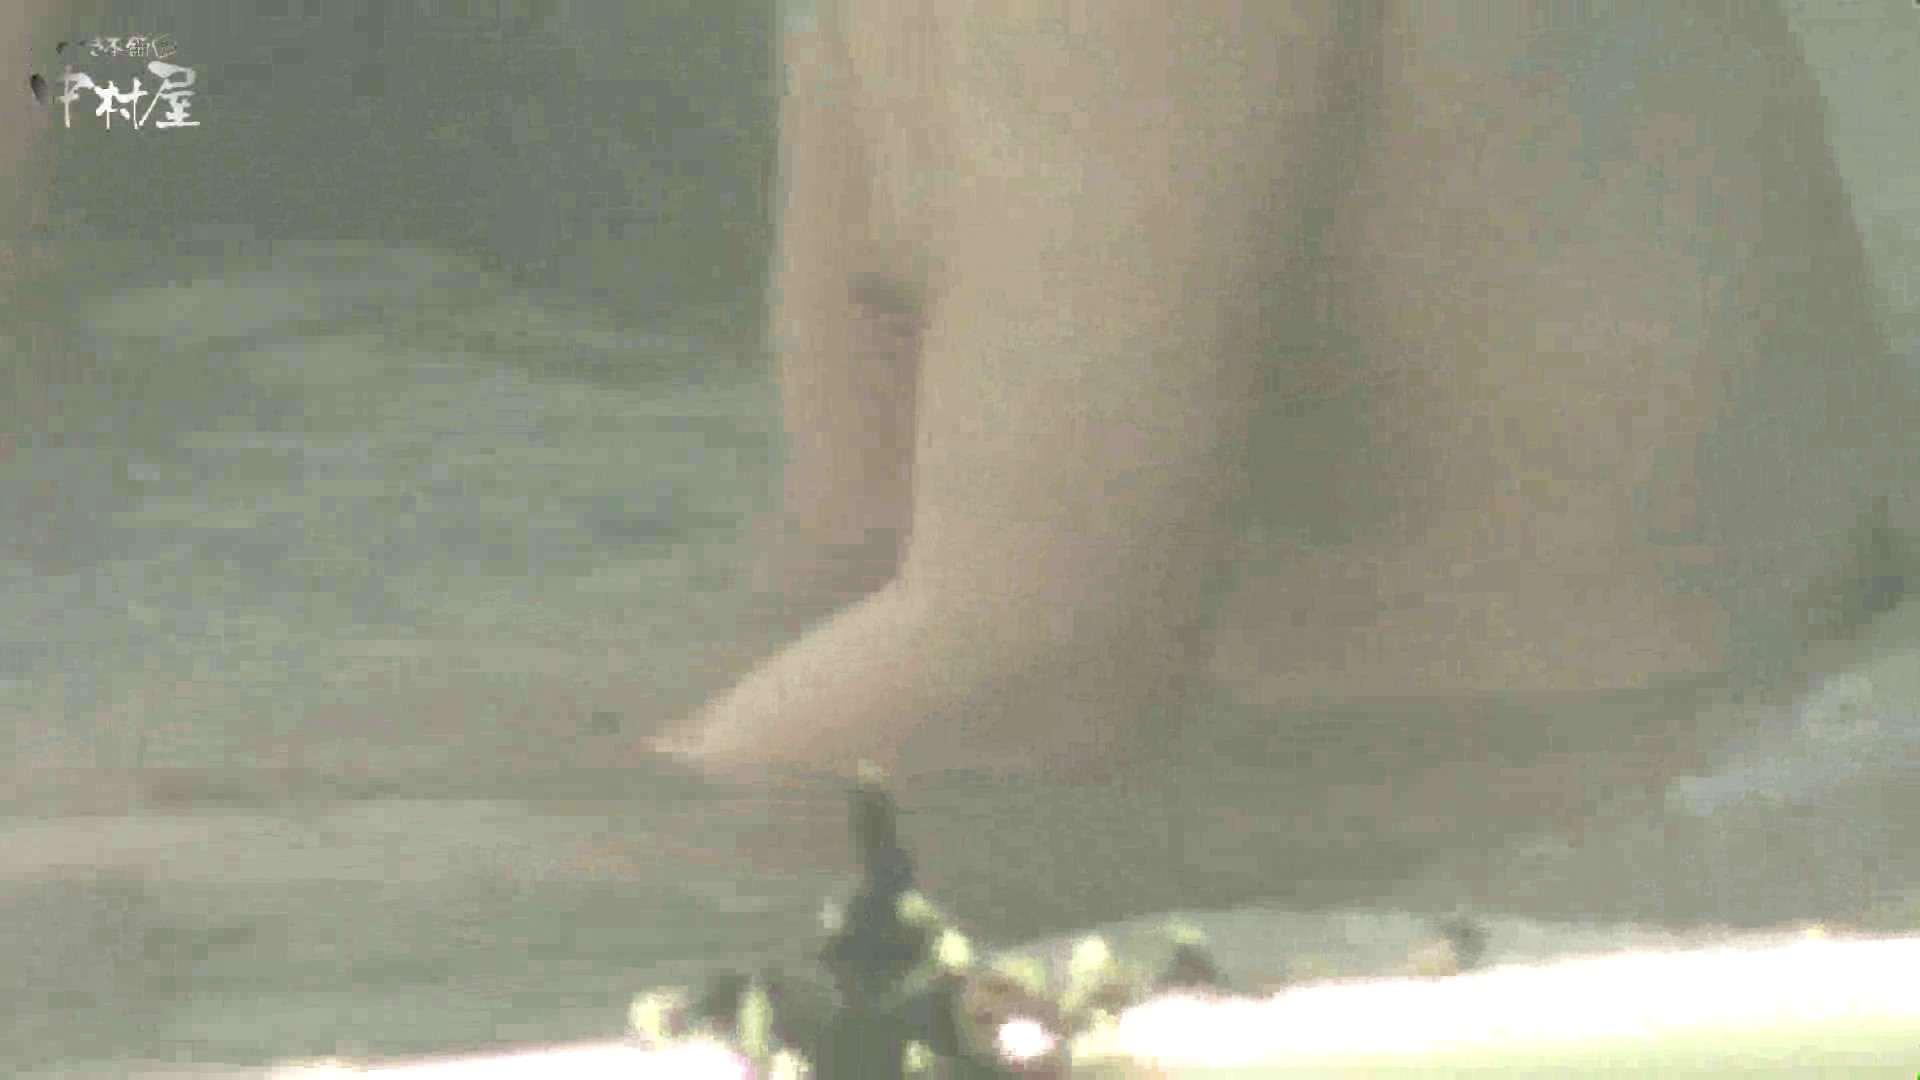 Aquaな露天風呂Vol.872潜入盗撮露天風呂八判湯 其の五 盗撮シリーズ   潜入  101PIX 70